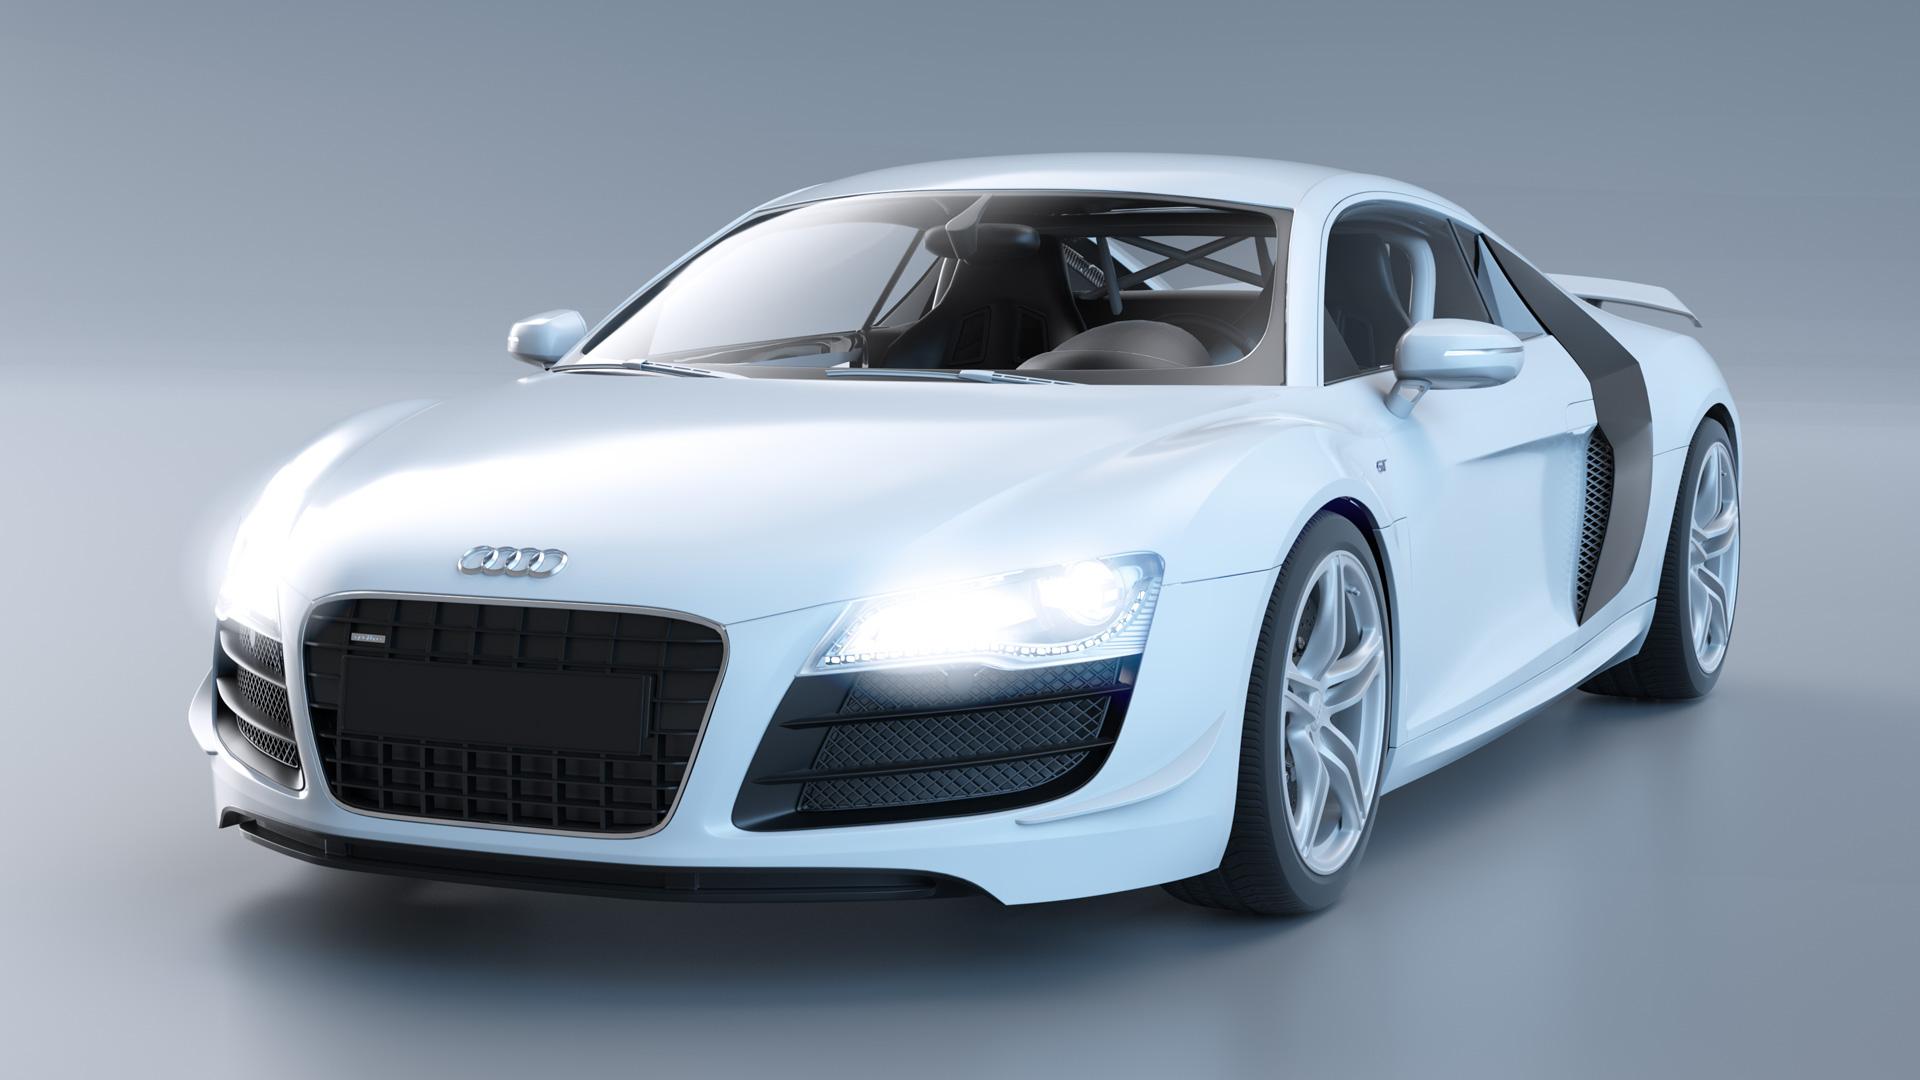 car-variation-3-1080.jpg